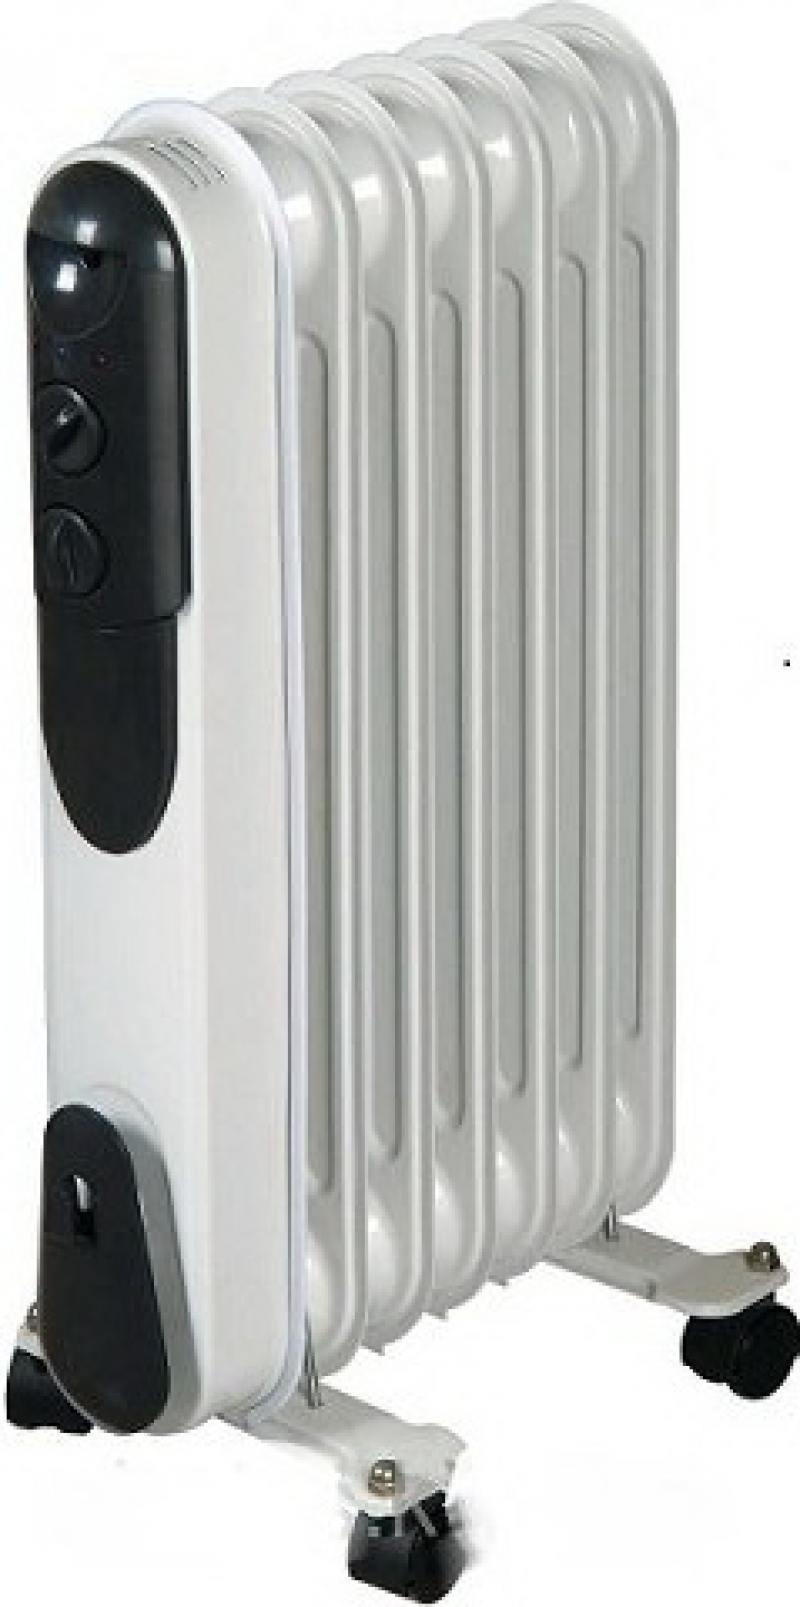 Масляный радиатор Saturn ST-OH0425 1500 Вт белый